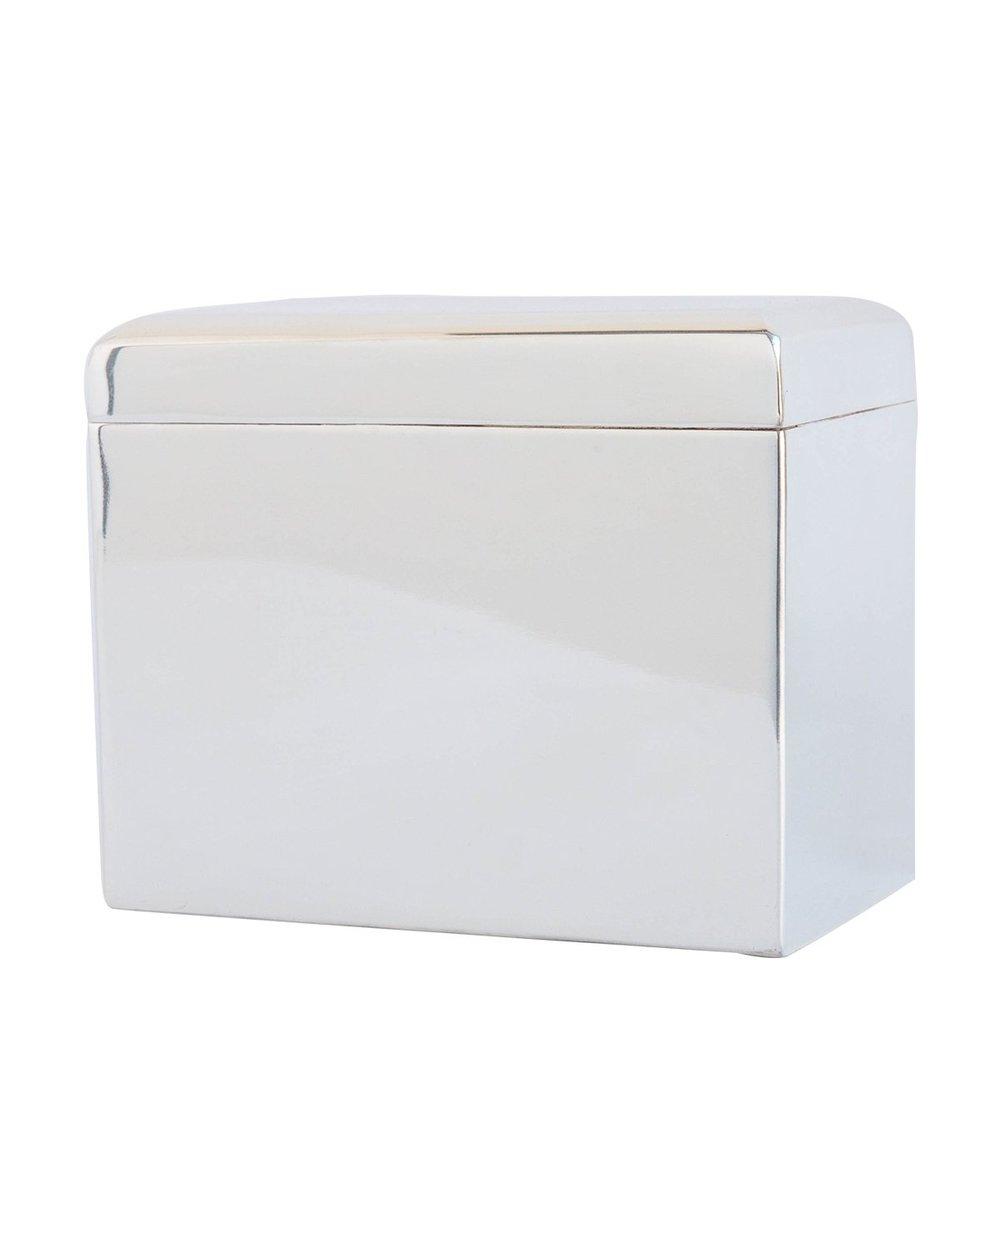 Keepsake_Box_in_Silver_2.jpg